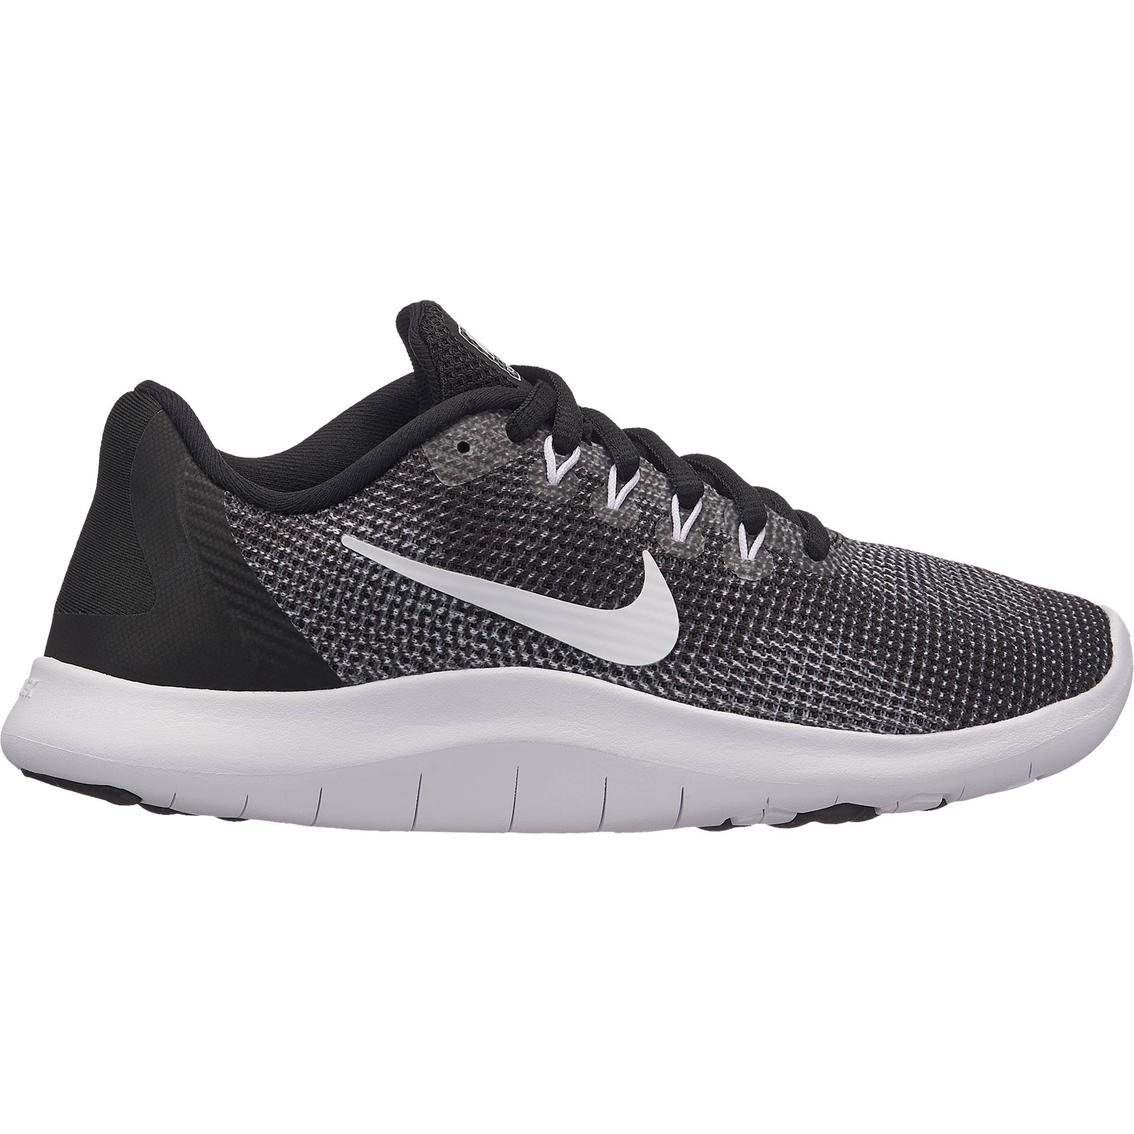 536a0e8d415 Nike Grade School Boys Flex Rn 2018 Running Shoes